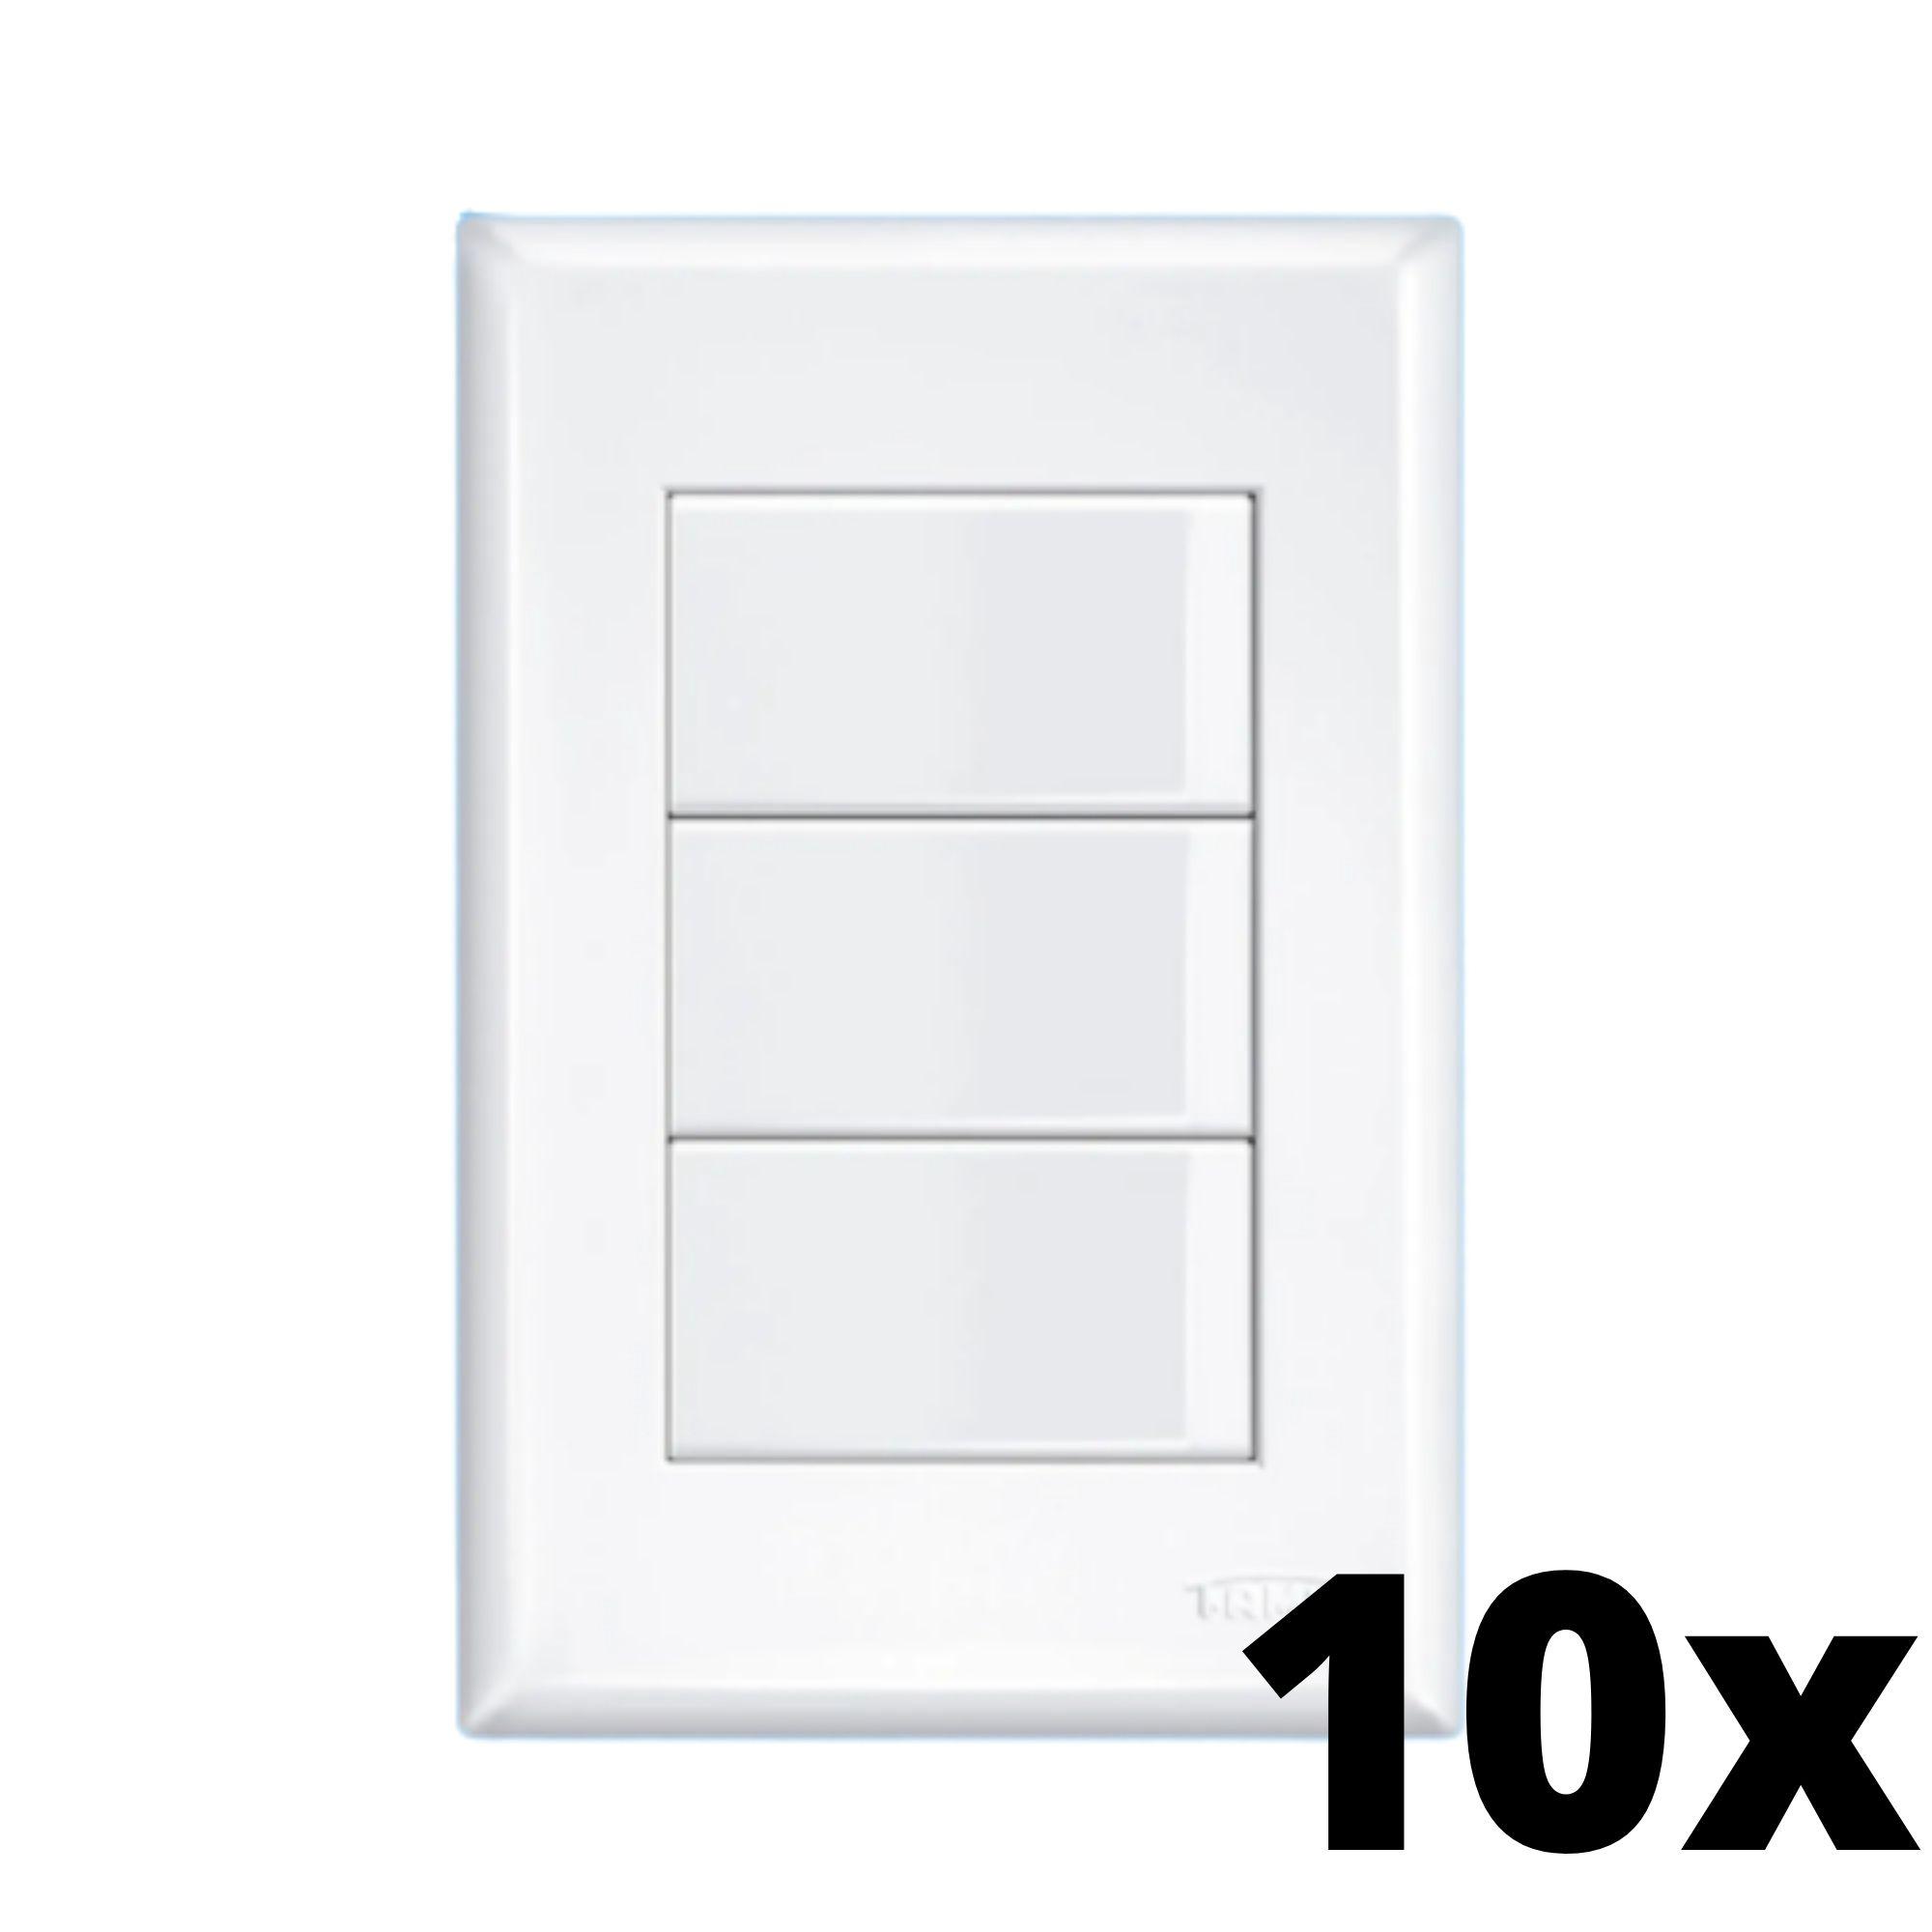 Kit 10 und Evidence 3 Seções de Interruptor Simples Com Placa